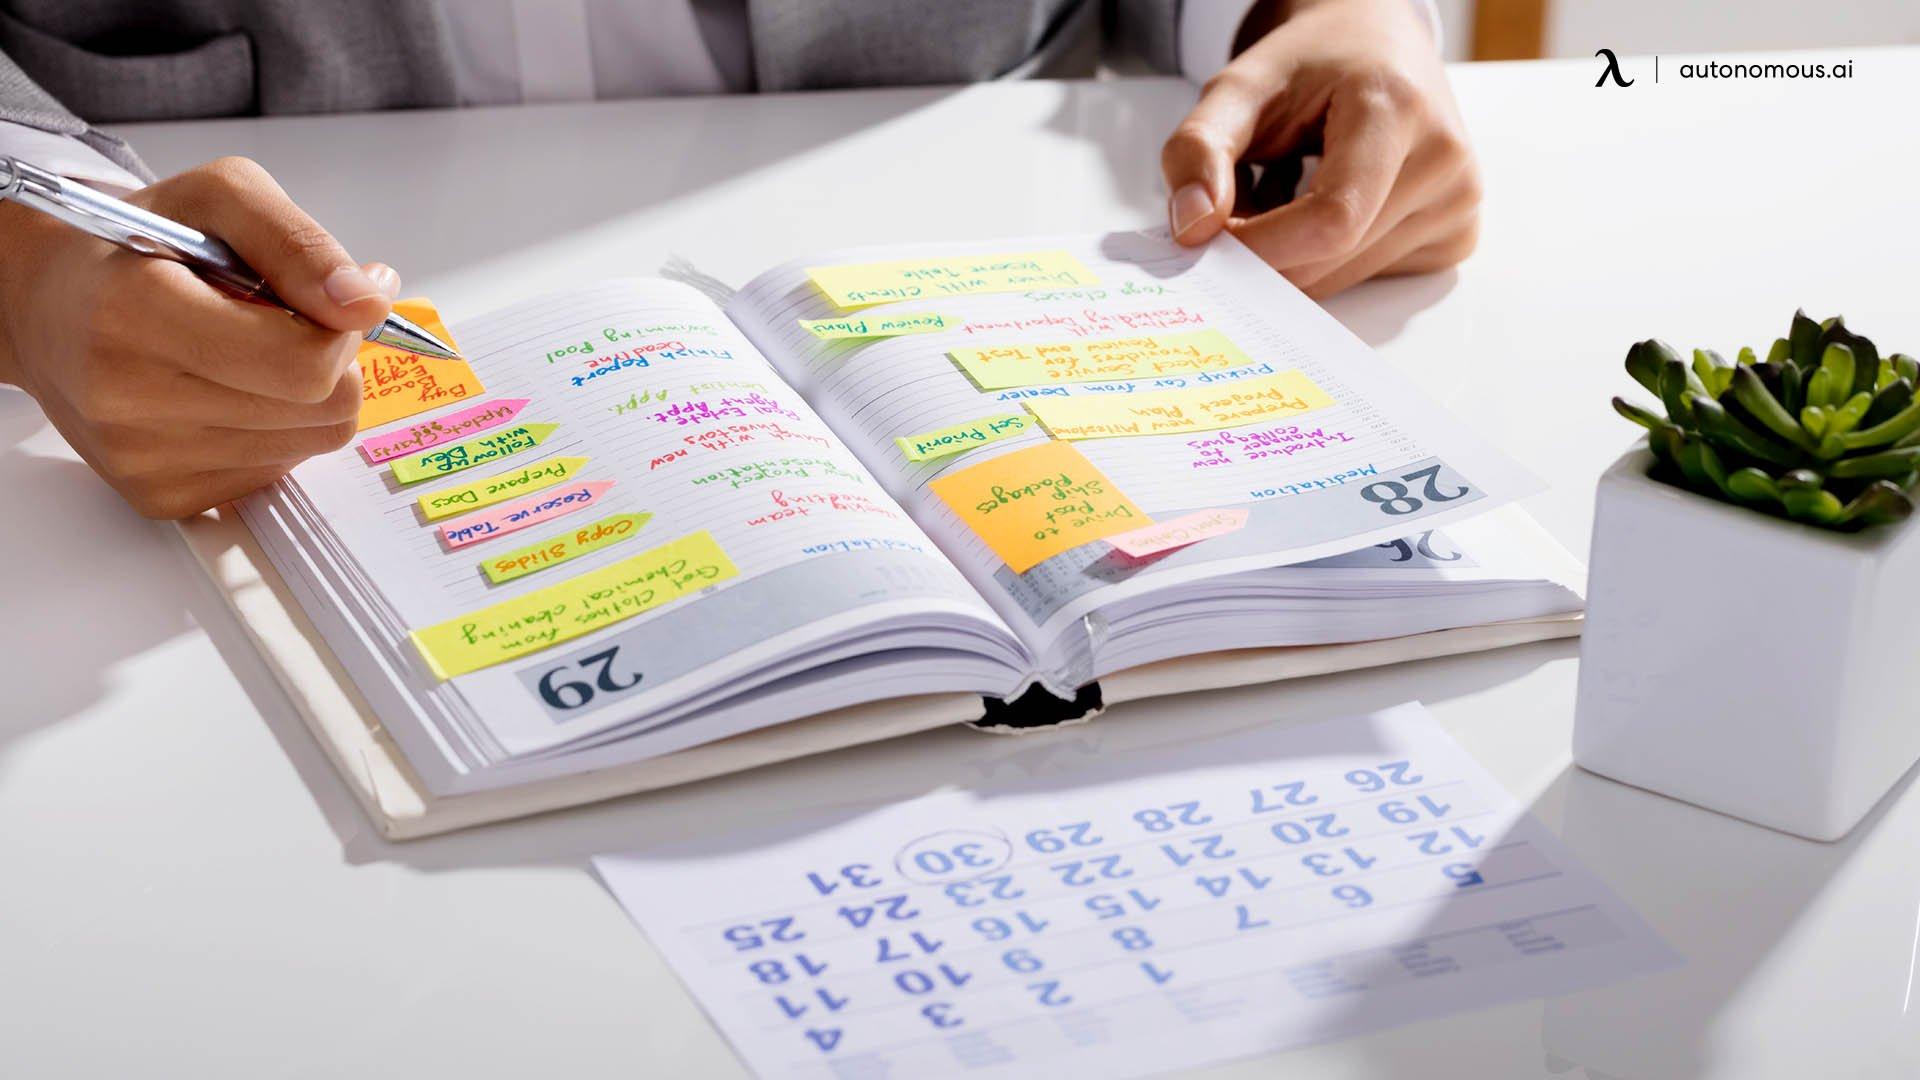 Planner or agenda